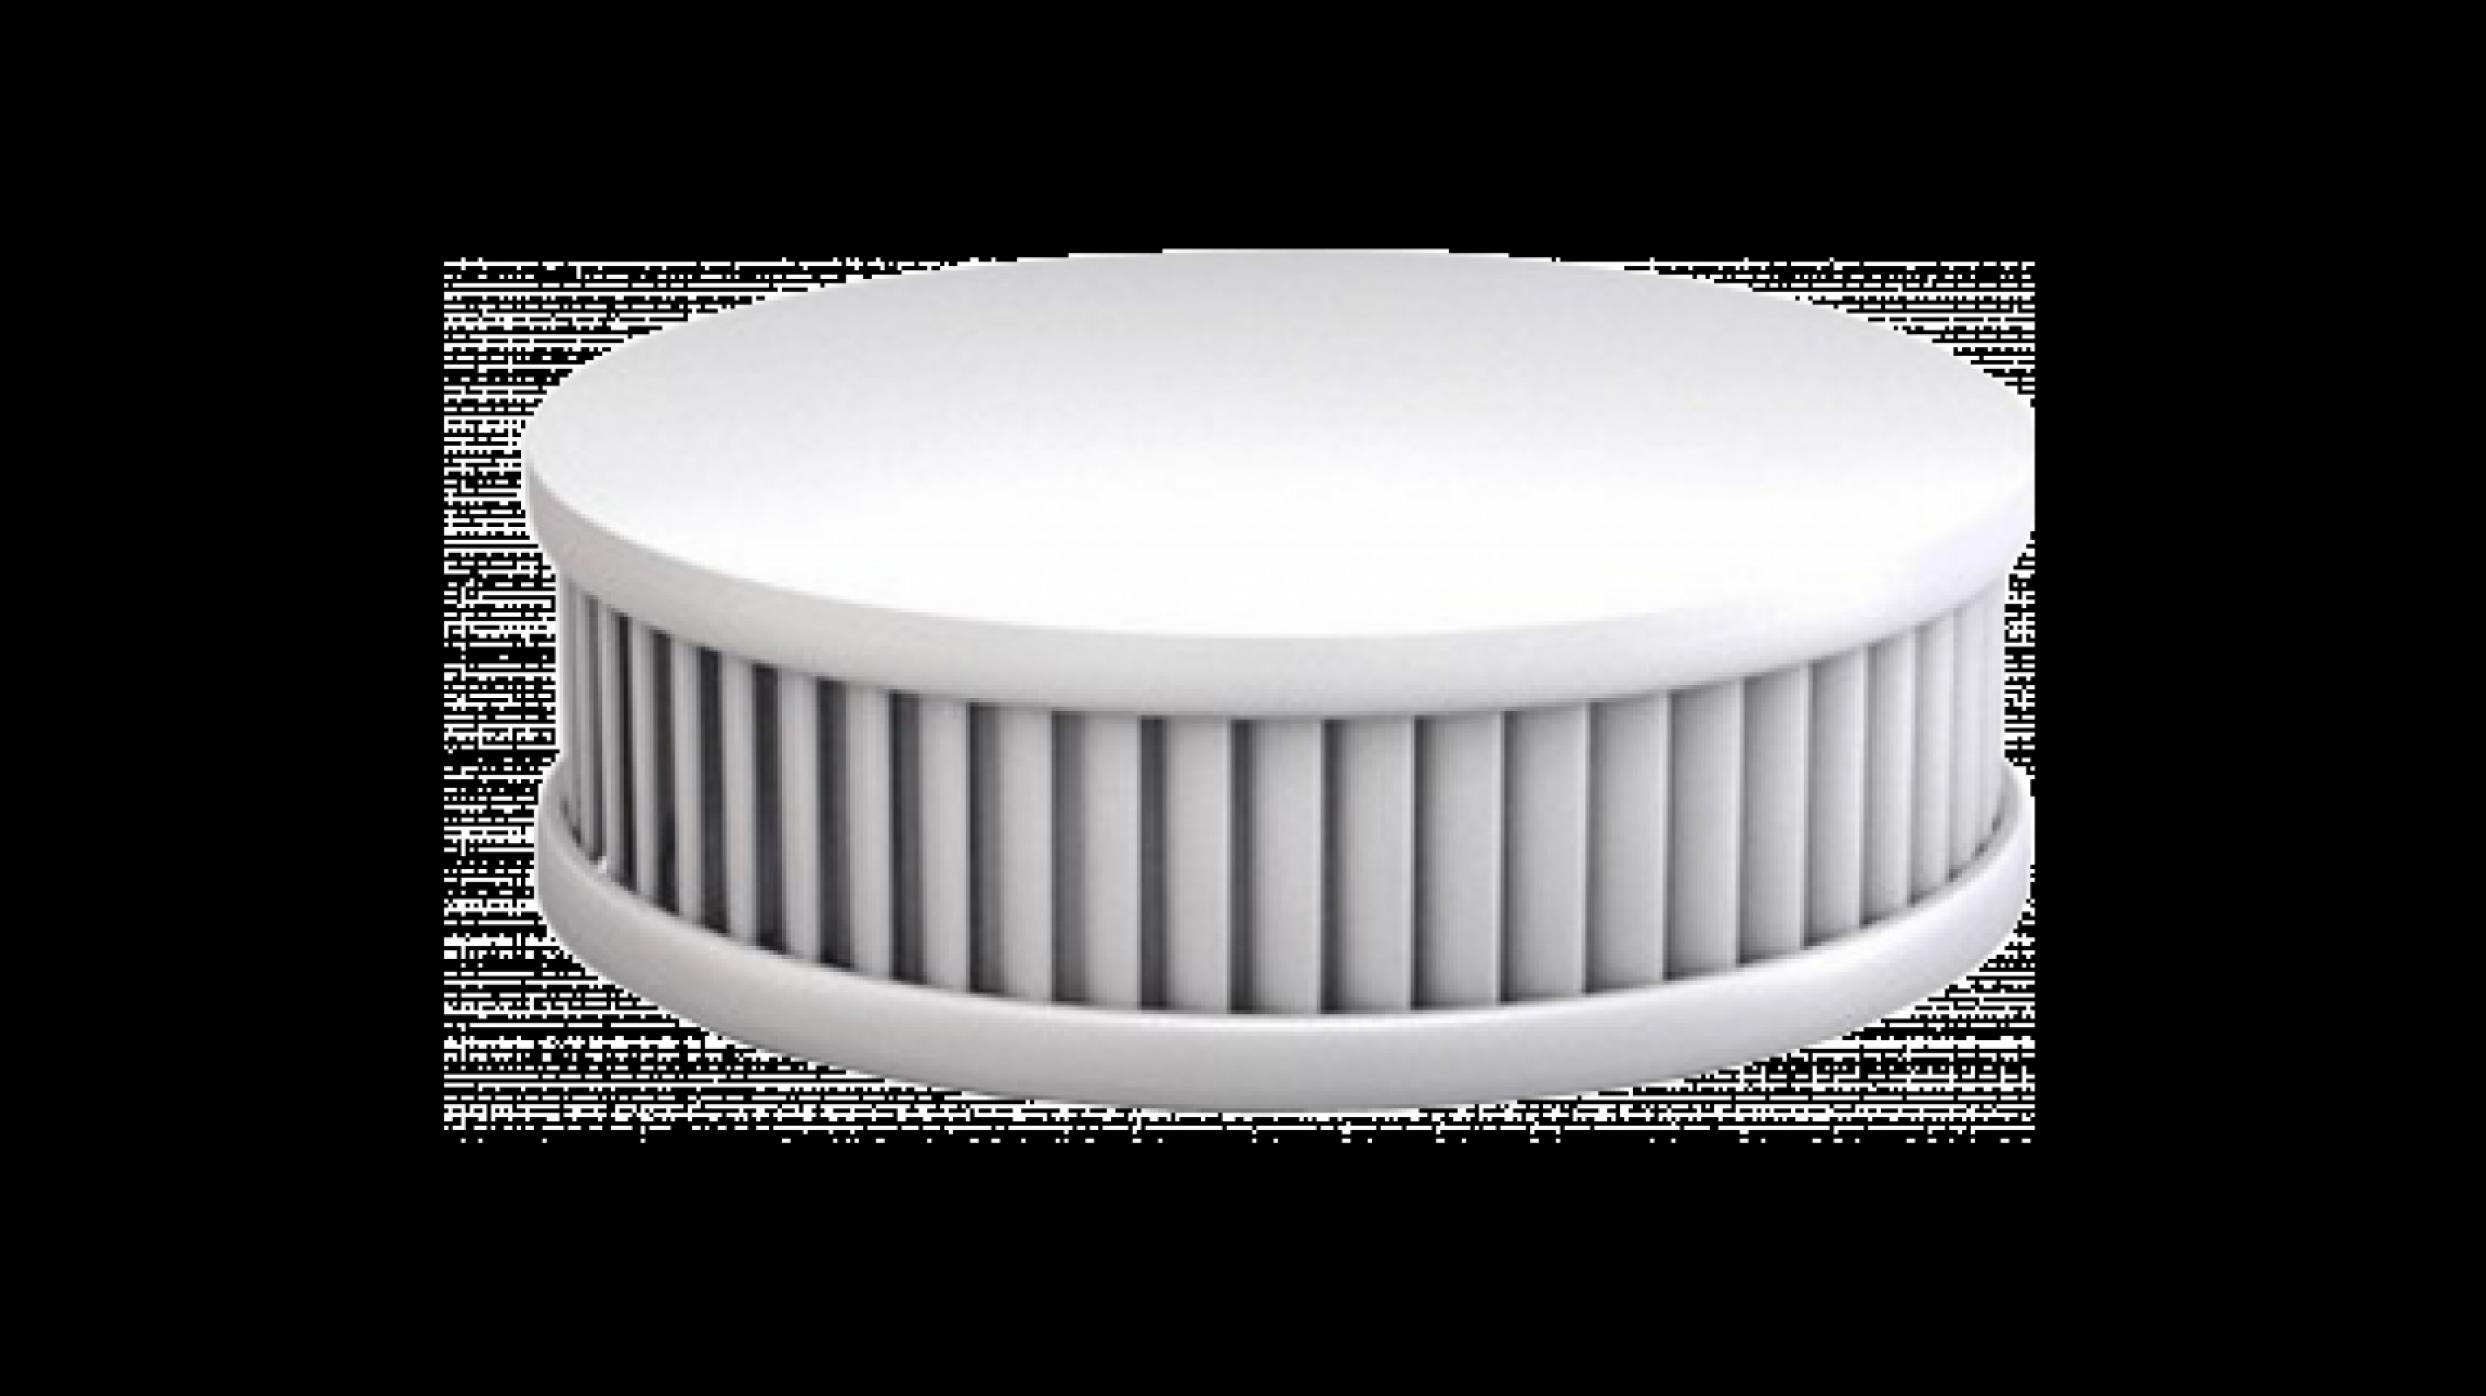 schlott feuerschutz arbeitsschutz gbr seit 1976 ihr partner f r sicherheit rauchwarnmelder. Black Bedroom Furniture Sets. Home Design Ideas